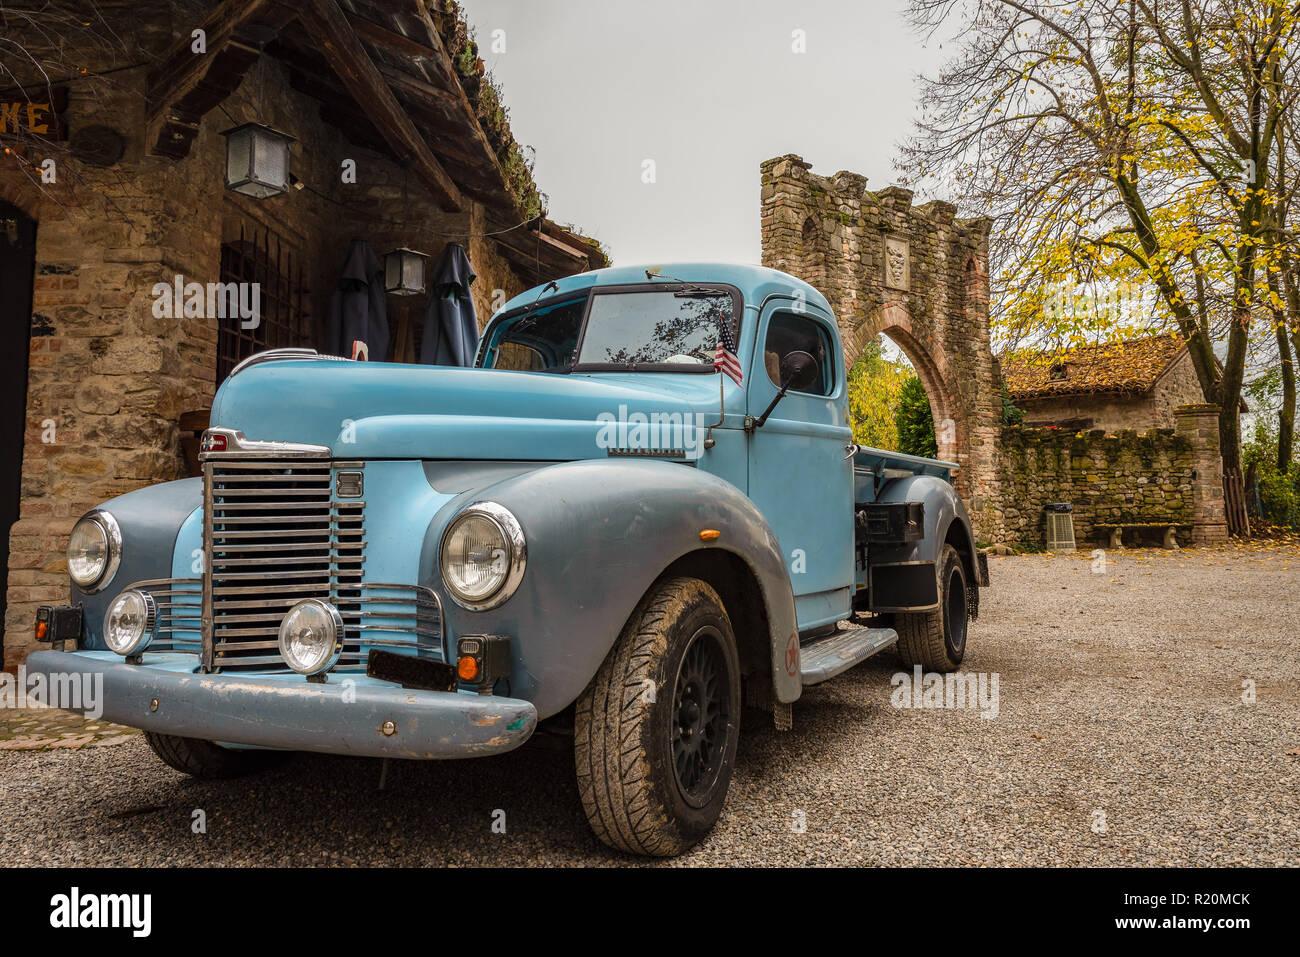 Histórico del recogedor de color azul, estacionado en las calles de un histórico pueblo italiano, coches clásicos americanos, imagen horizontal Foto de stock